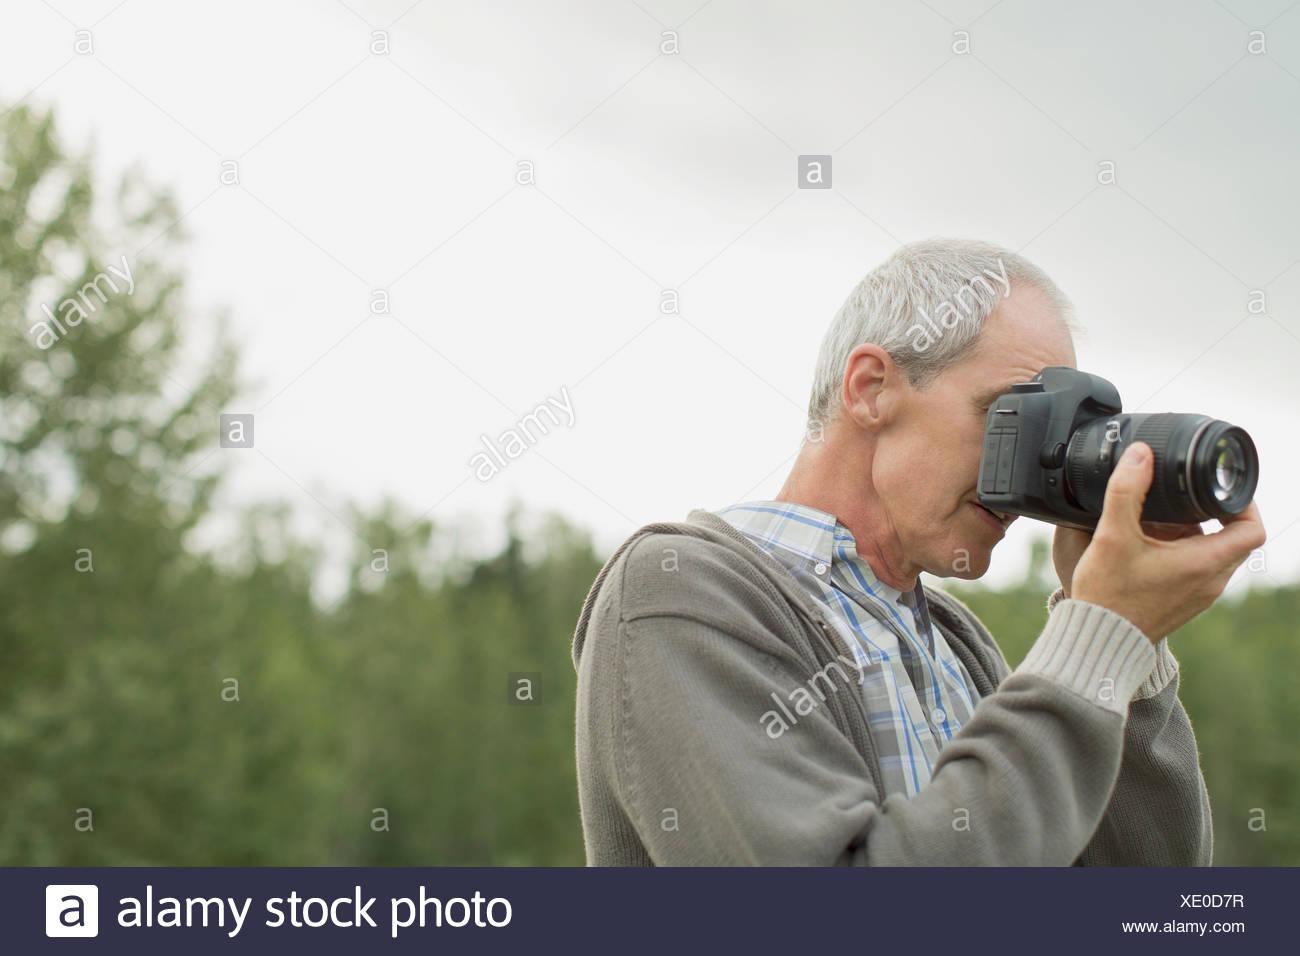 Hombre de mediana edad tomando fotografías en exteriores. Imagen De Stock